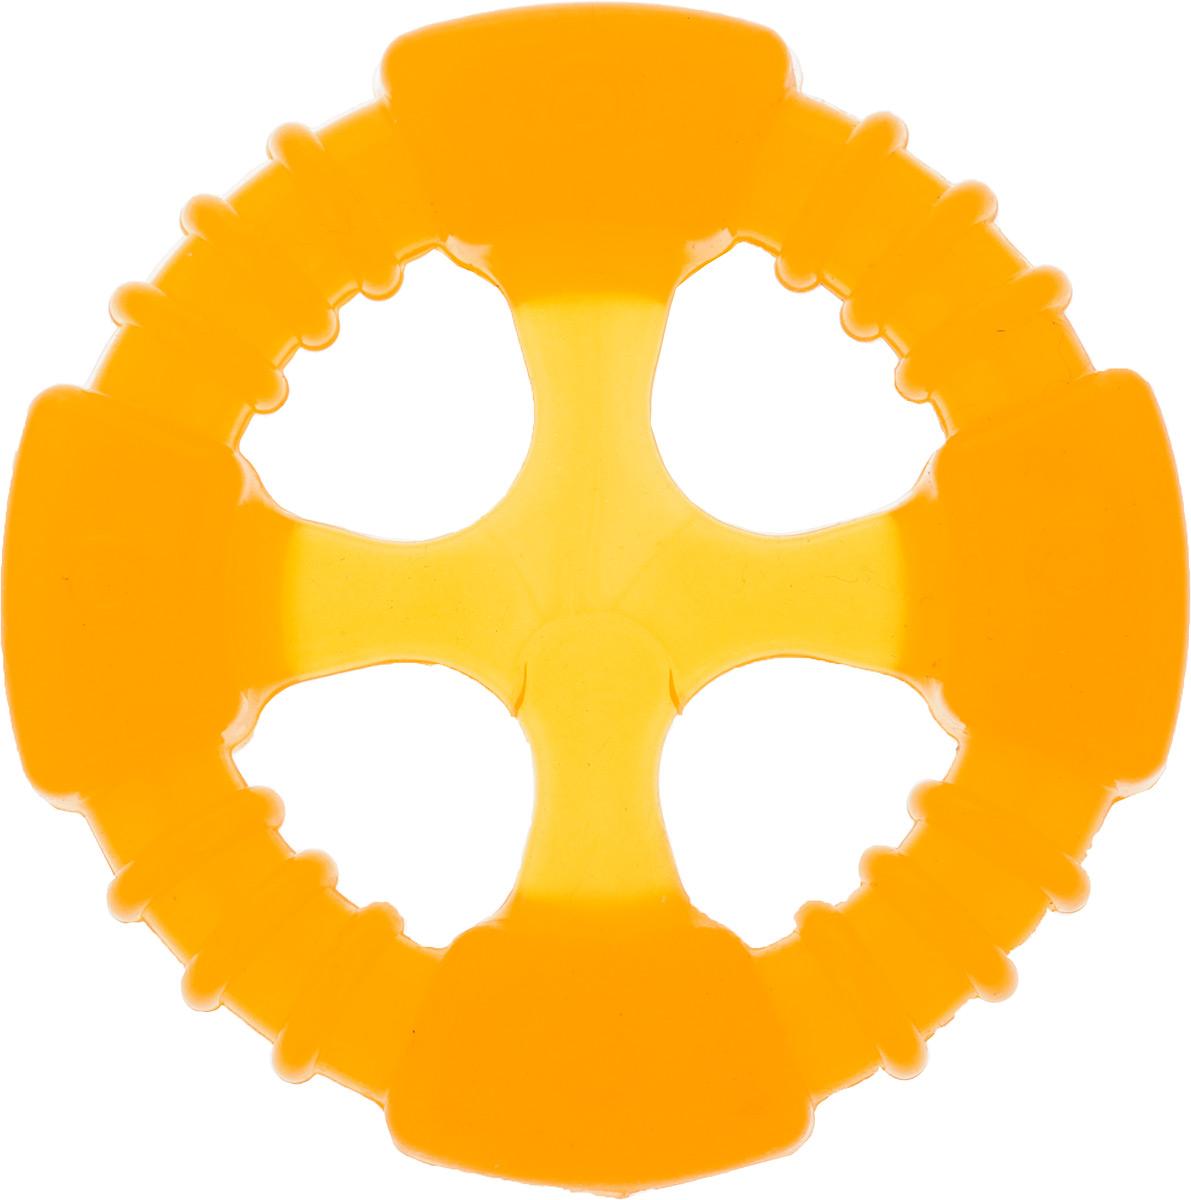 Игрушка для собак Doglike Кольцо Космос, 10 х 10 х 2 смD12-1104Игрушка Doglike Кольцо Космос служит для массажа десен и очистки зубов от налета и камня, а также снимает нервное напряжение. Игрушка выполнена из резины. Она прочная и может выдержать огромное количество часов игры. Это идеальная замена косточке. Если ваш пес портит мебель, излишне агрессивен, непослушен или страдает излишним весом то, скорее всего, корень всех бед кроется в недостаточной физической и эмоциональной нагрузке. Порадуйте своего питомца прекрасным и качественным подарком.